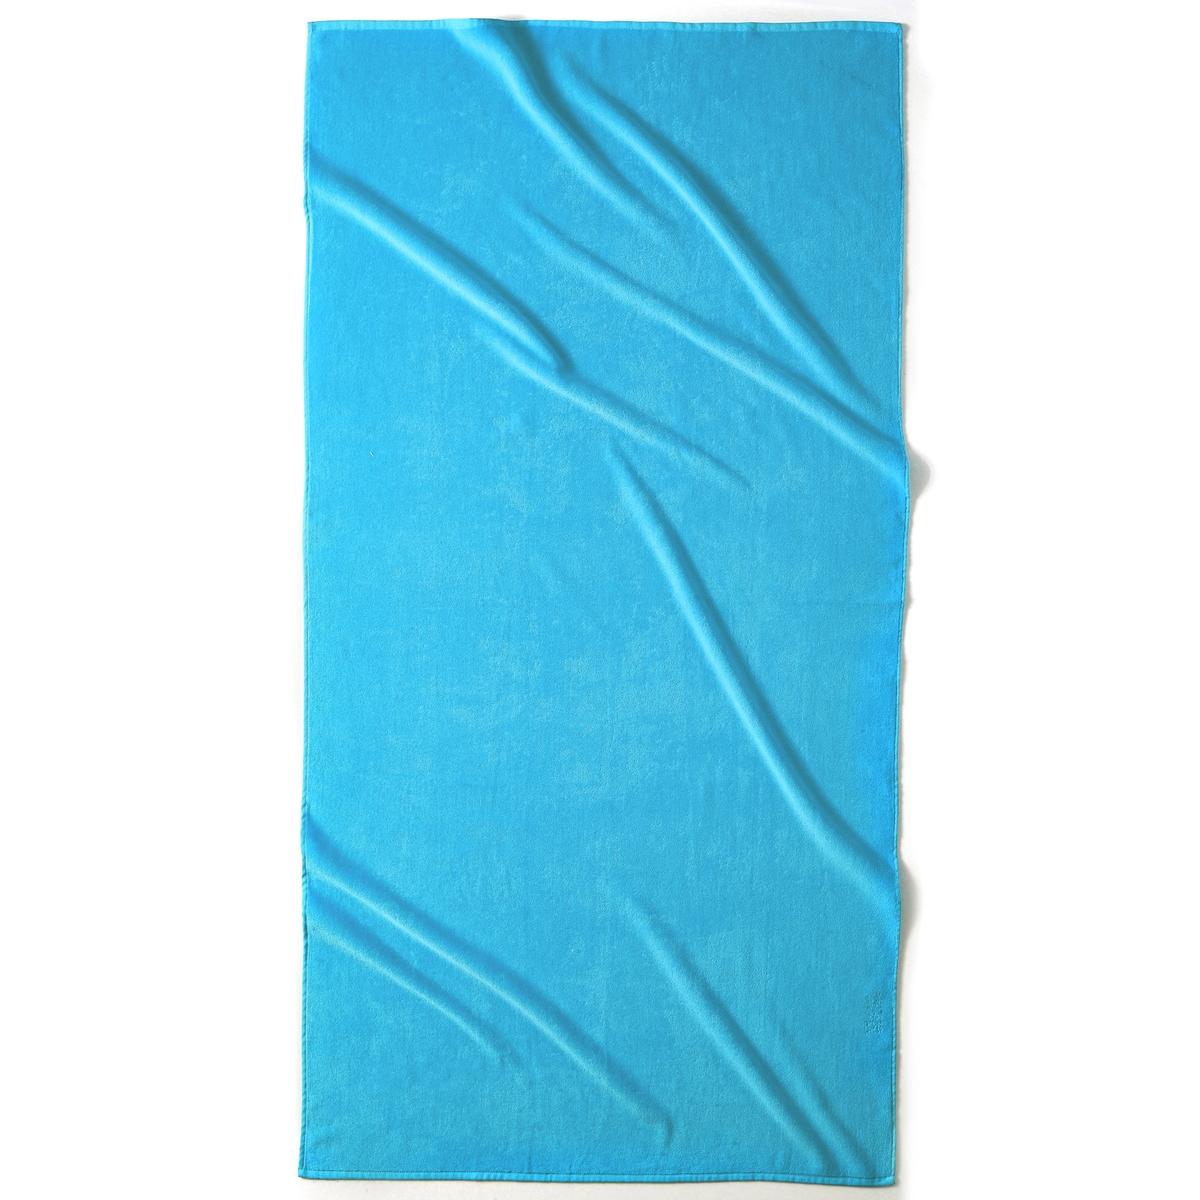 Полотенце пляжное ESTORILПляжное полотенце из 100% хлопка, 420 г/м?. 1 сторона из велюра, 1 сторона из махровой ткани. Размер полотенца: 90 x 175 см. Стирка при 40°.<br><br>Цвет: Голубая лагуна,гренадин,зеленый анис,синий морской волны,темно-серый,фиолетовый<br>Размер: единый размер